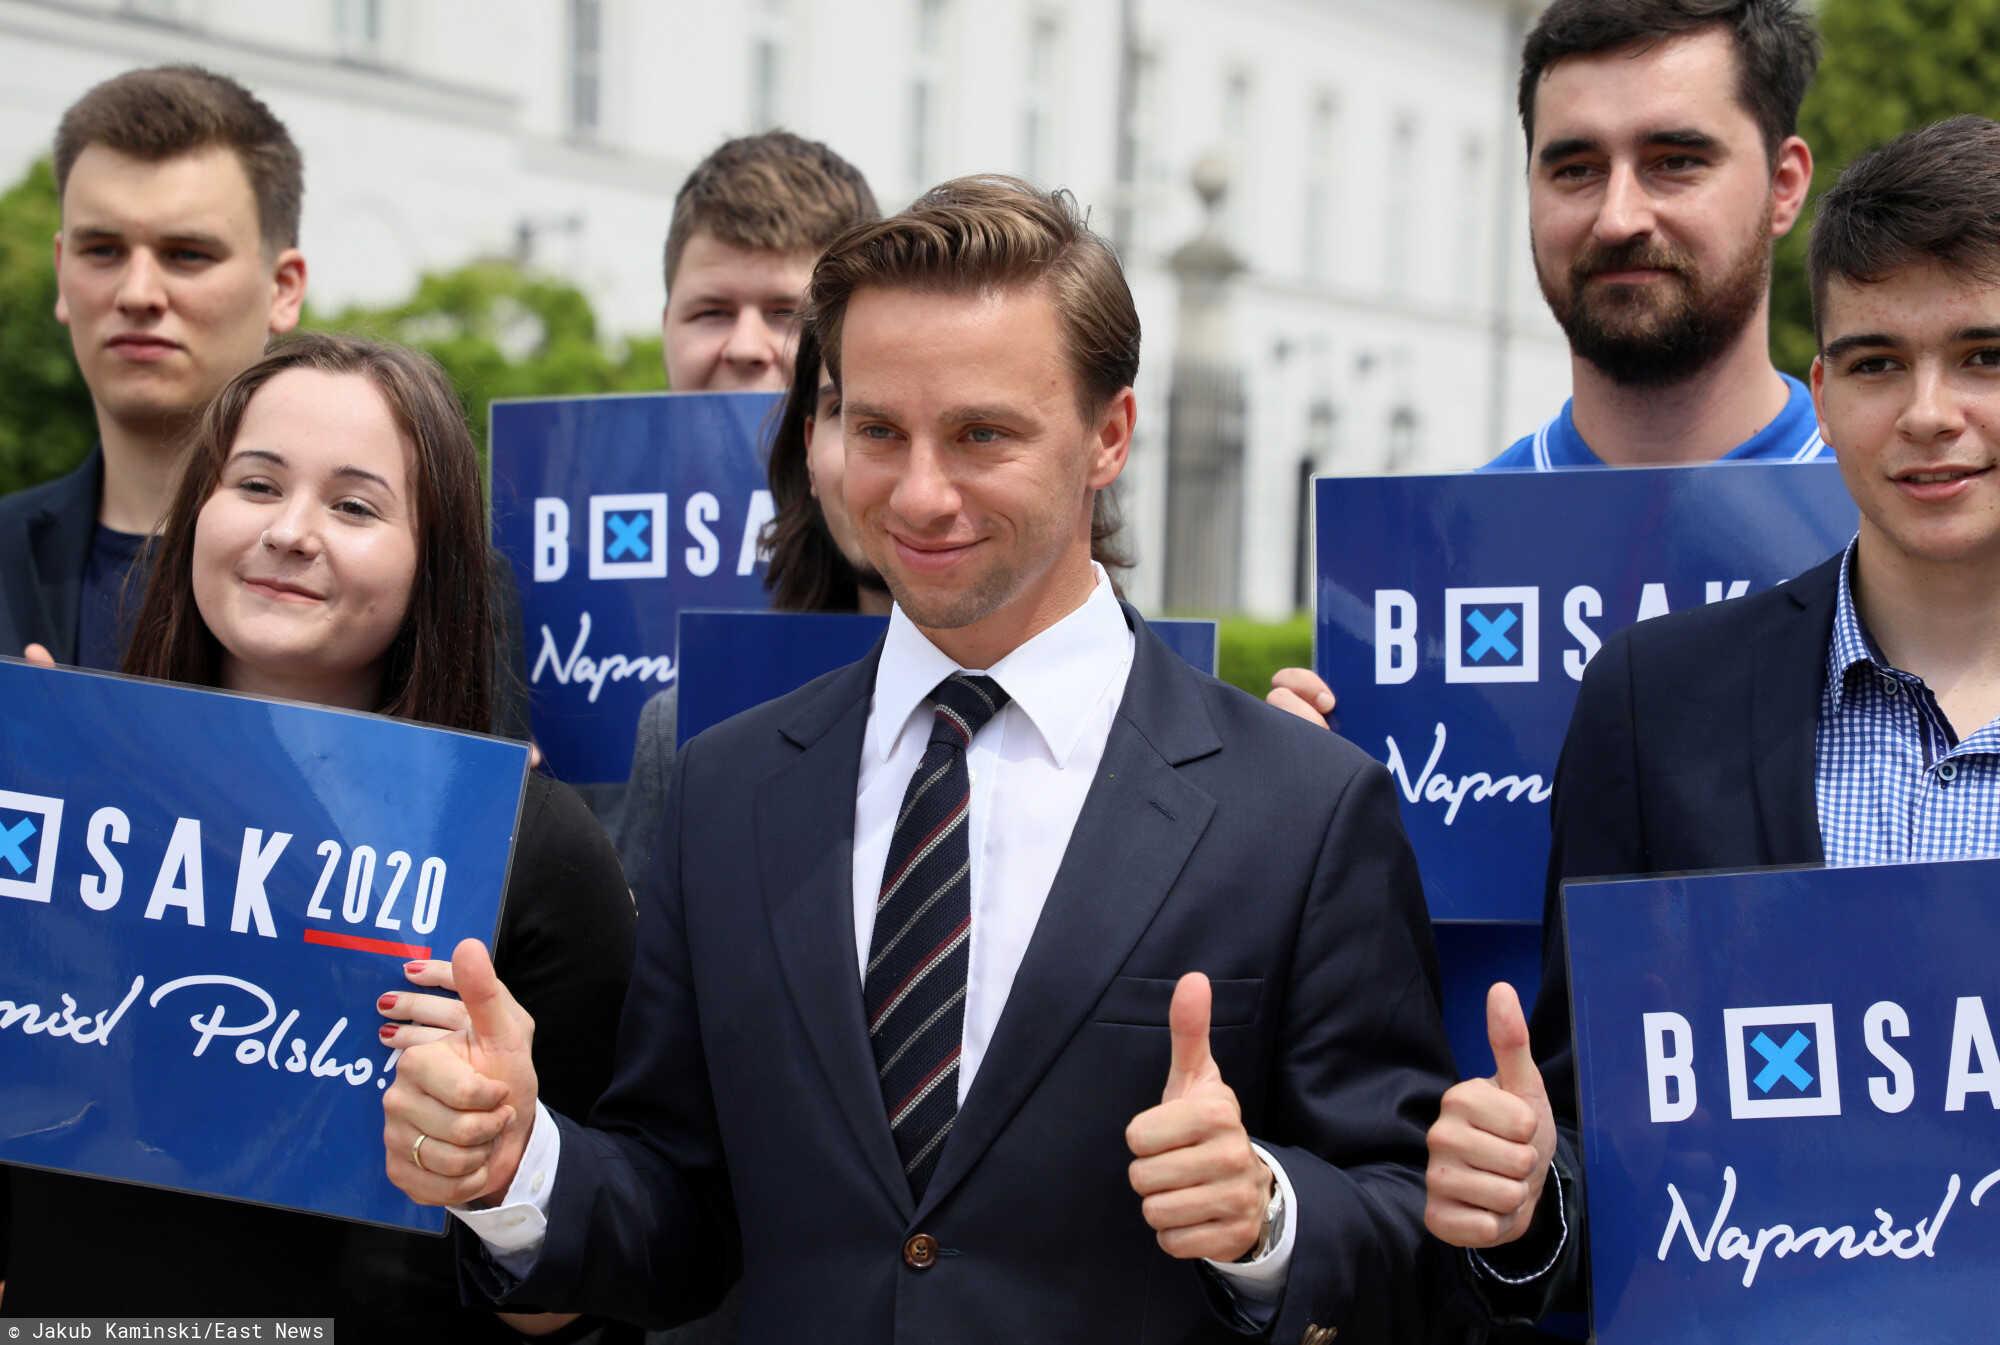 Oświadczenia majątkowe trzech uznanych polskich polityków ukazują interesujące fakty.